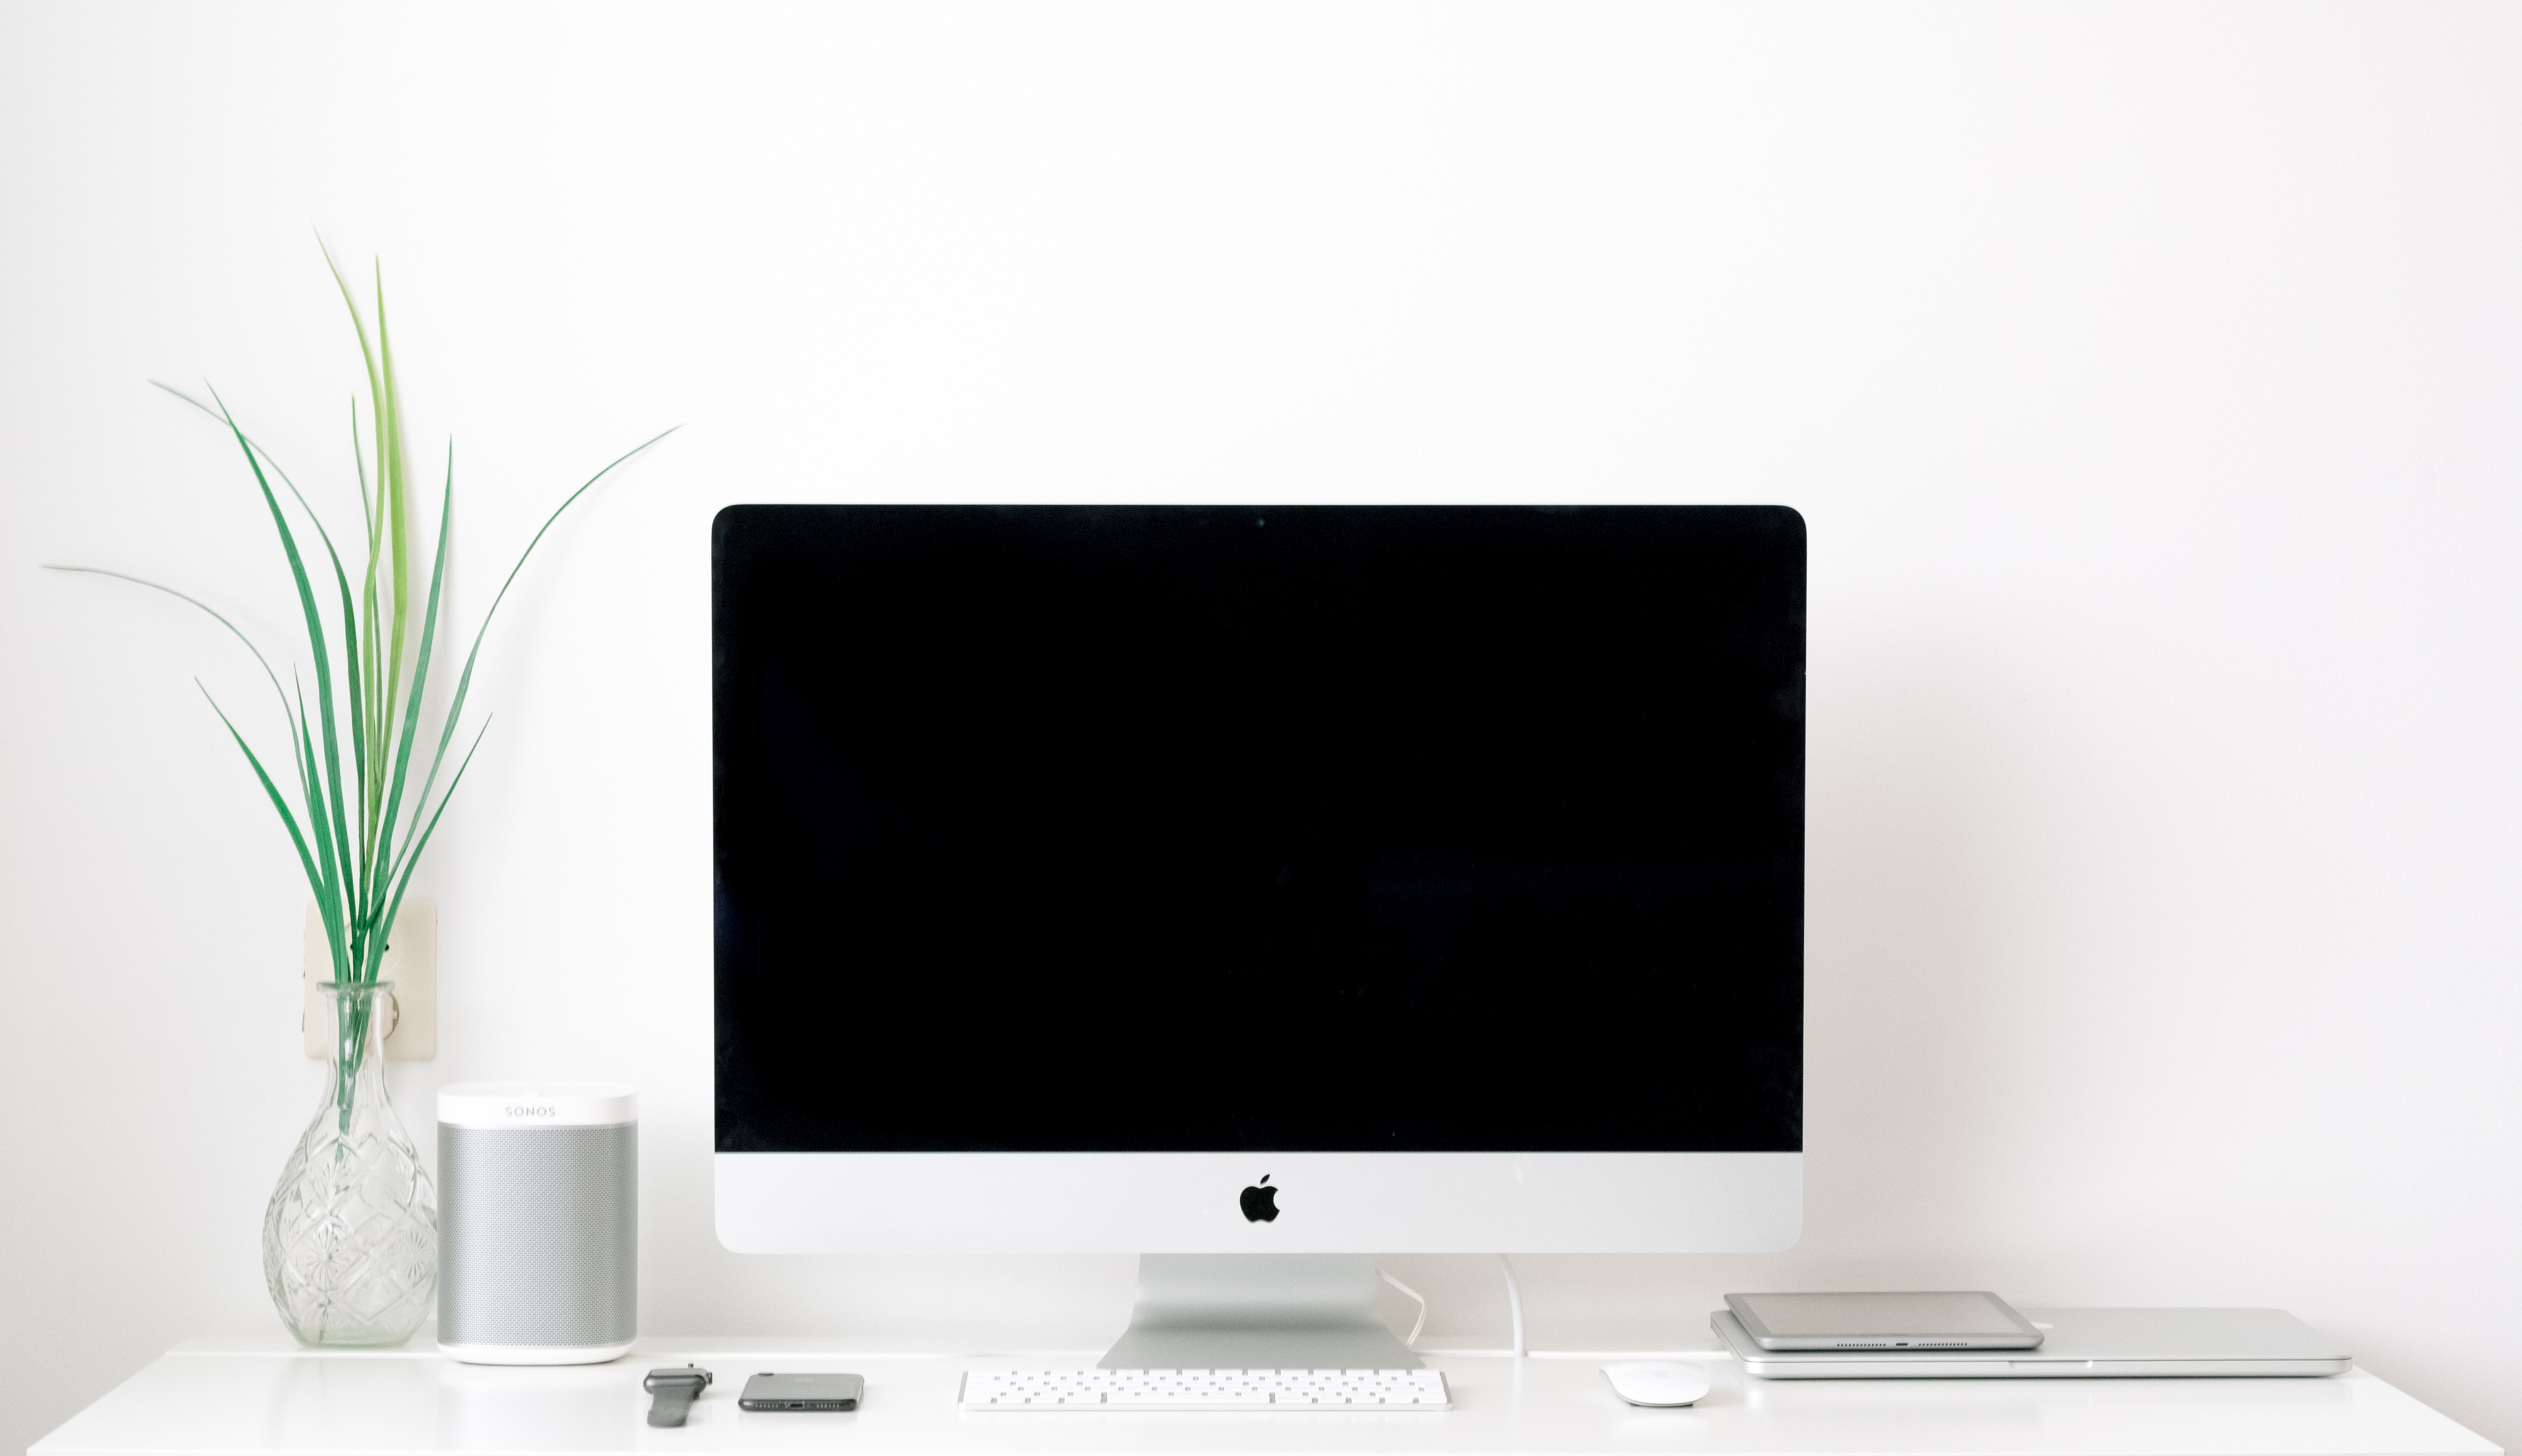 mac虚拟机Parallels Desktop 11破解版